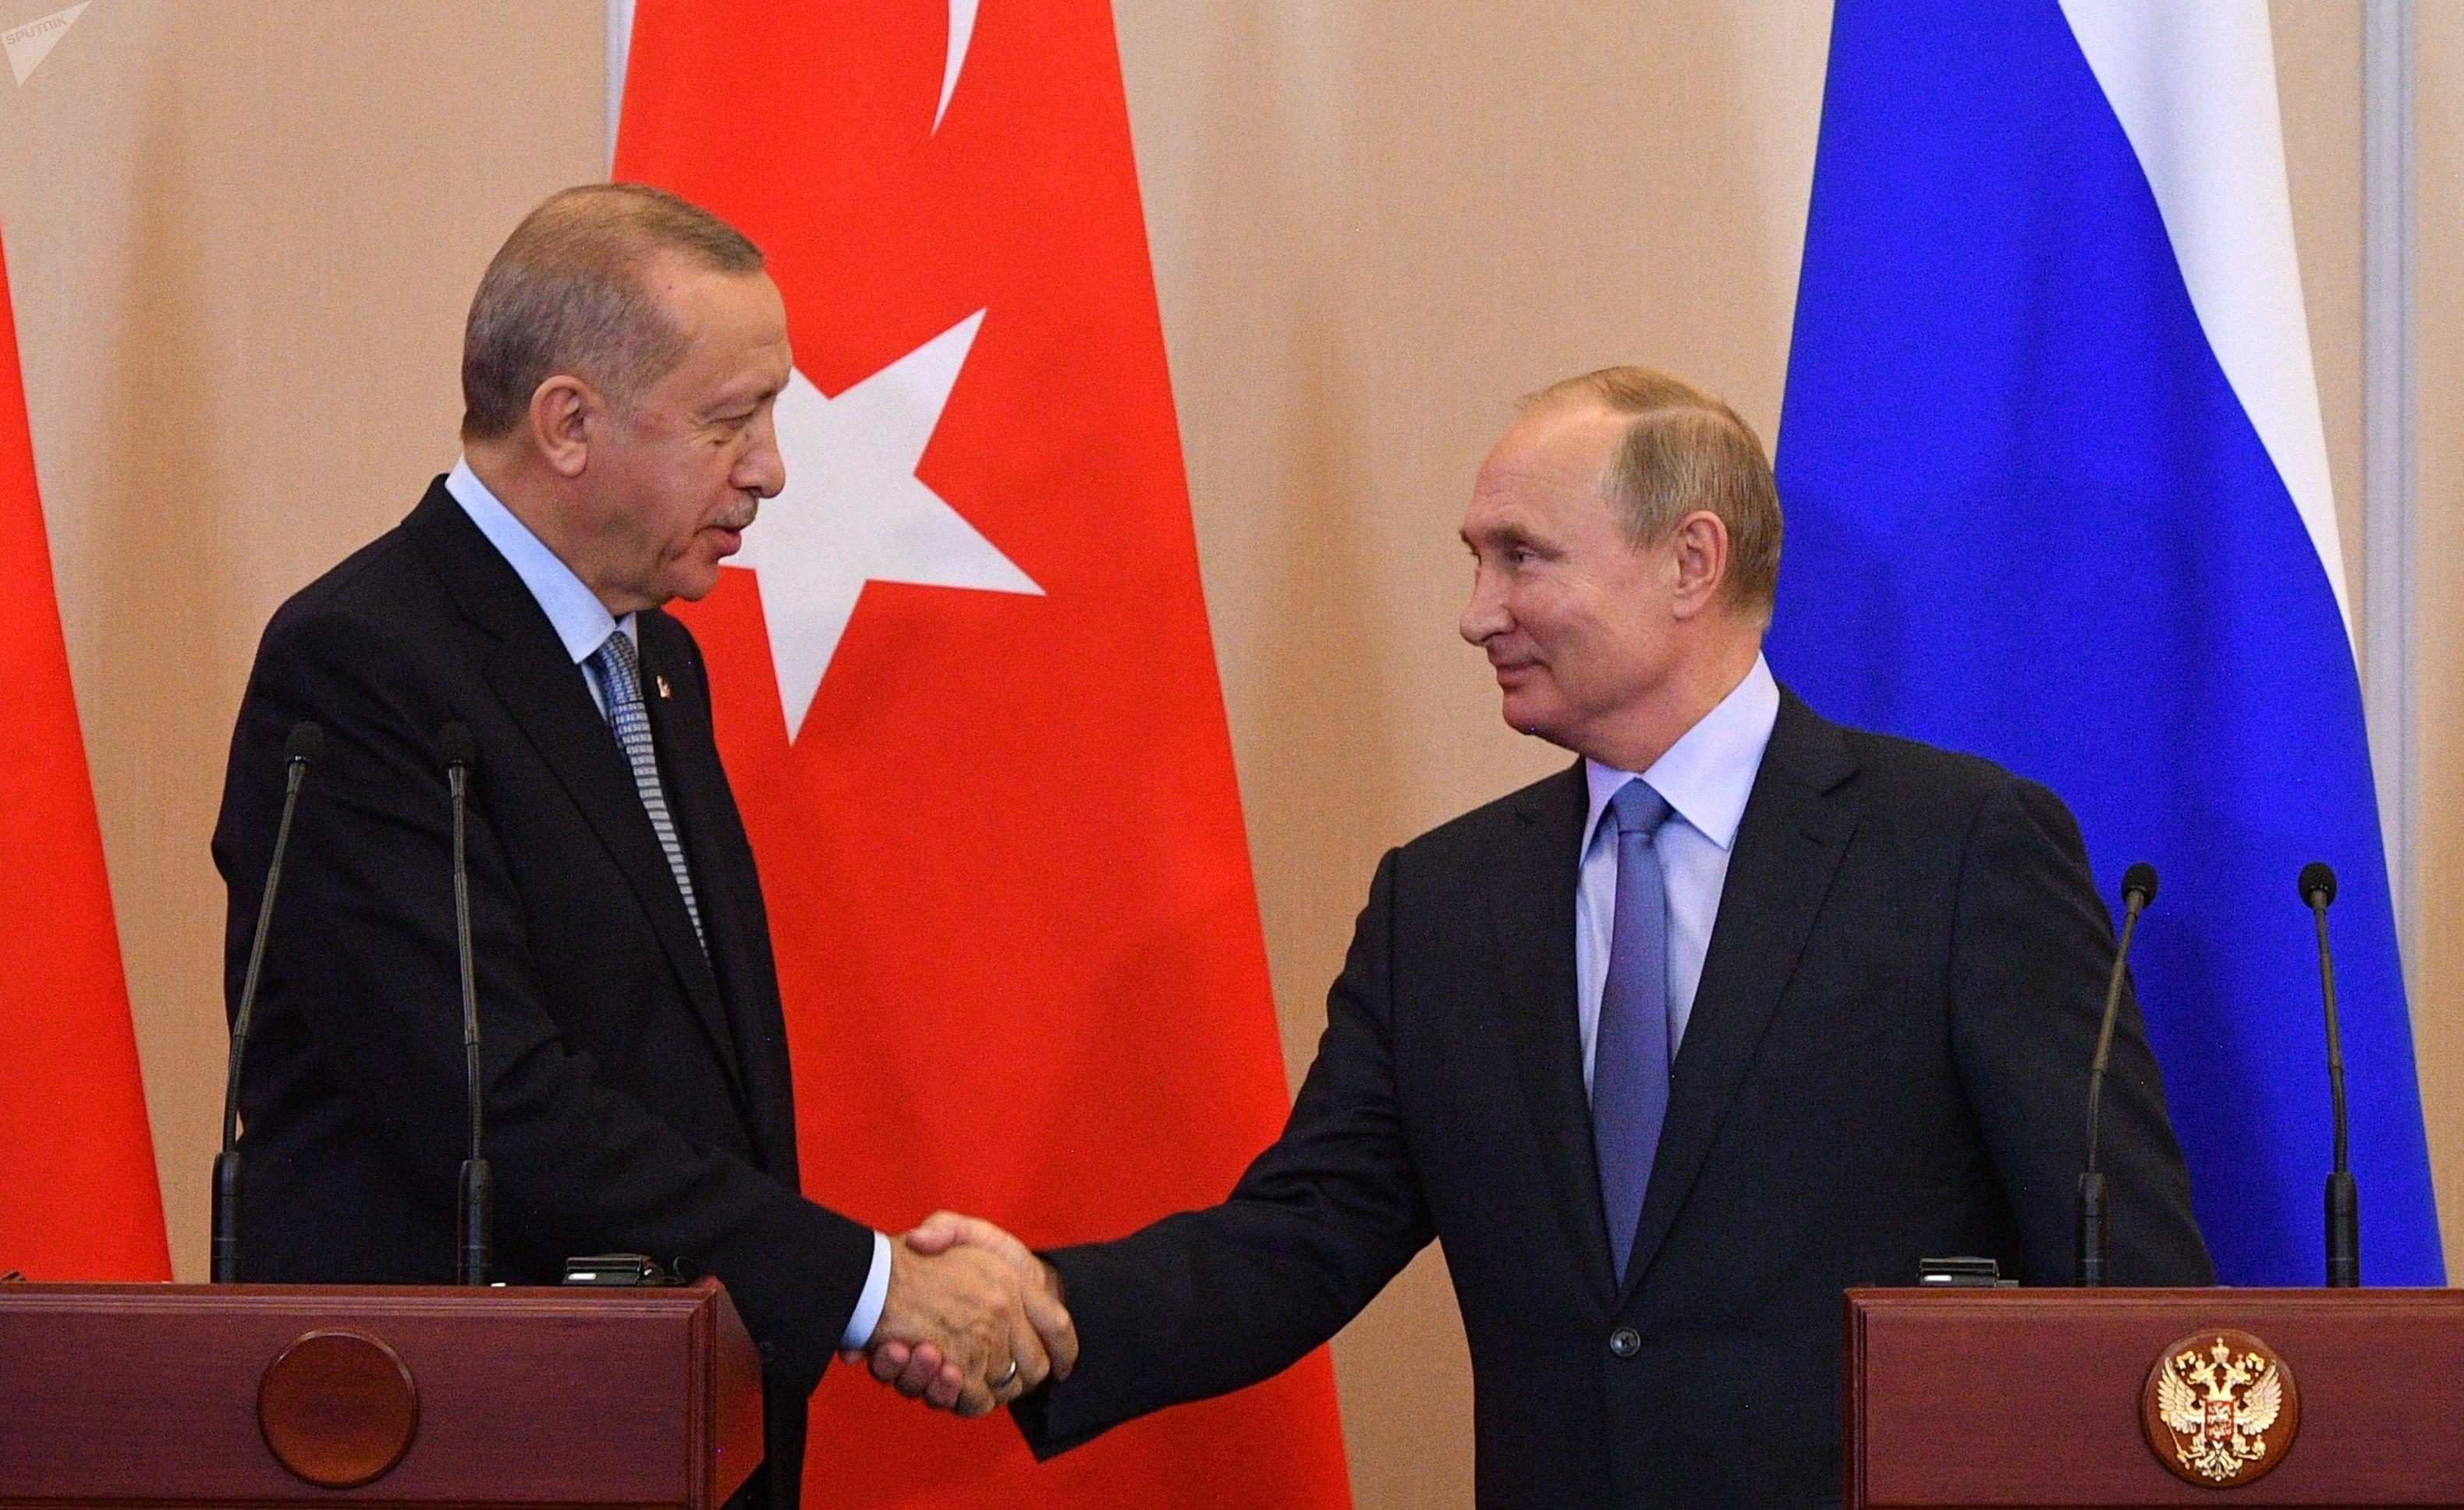 Presidente da Rússia, Vladimir Putin, e da Turquia, Recep Tayyip Erdogan, apresentam Acordo à imprensa, após sete horas de negociações em Sochi, na Rússia, em 22 de outubro de 2019